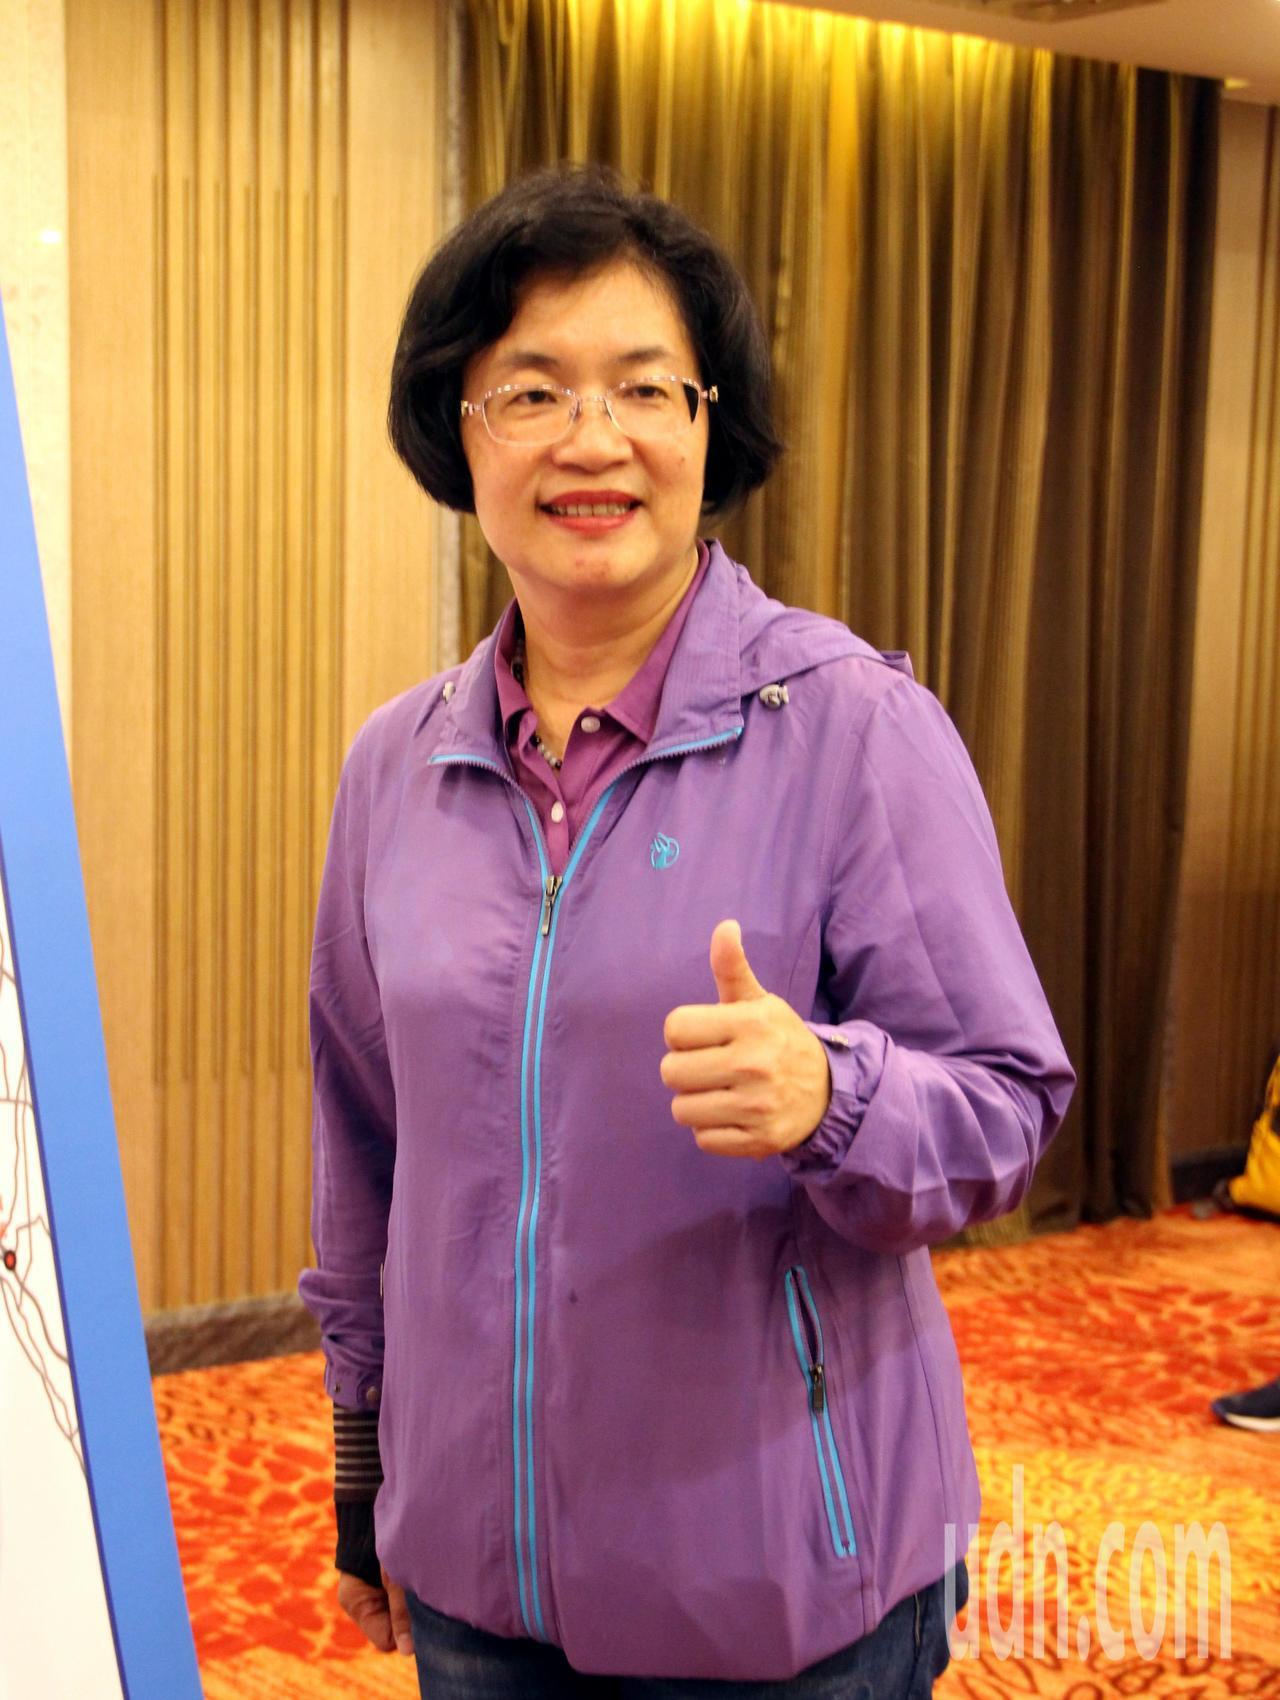 彰化縣長選舉最新民調顯示,國民黨候選人王惠美領先。記者林敬家/攝影